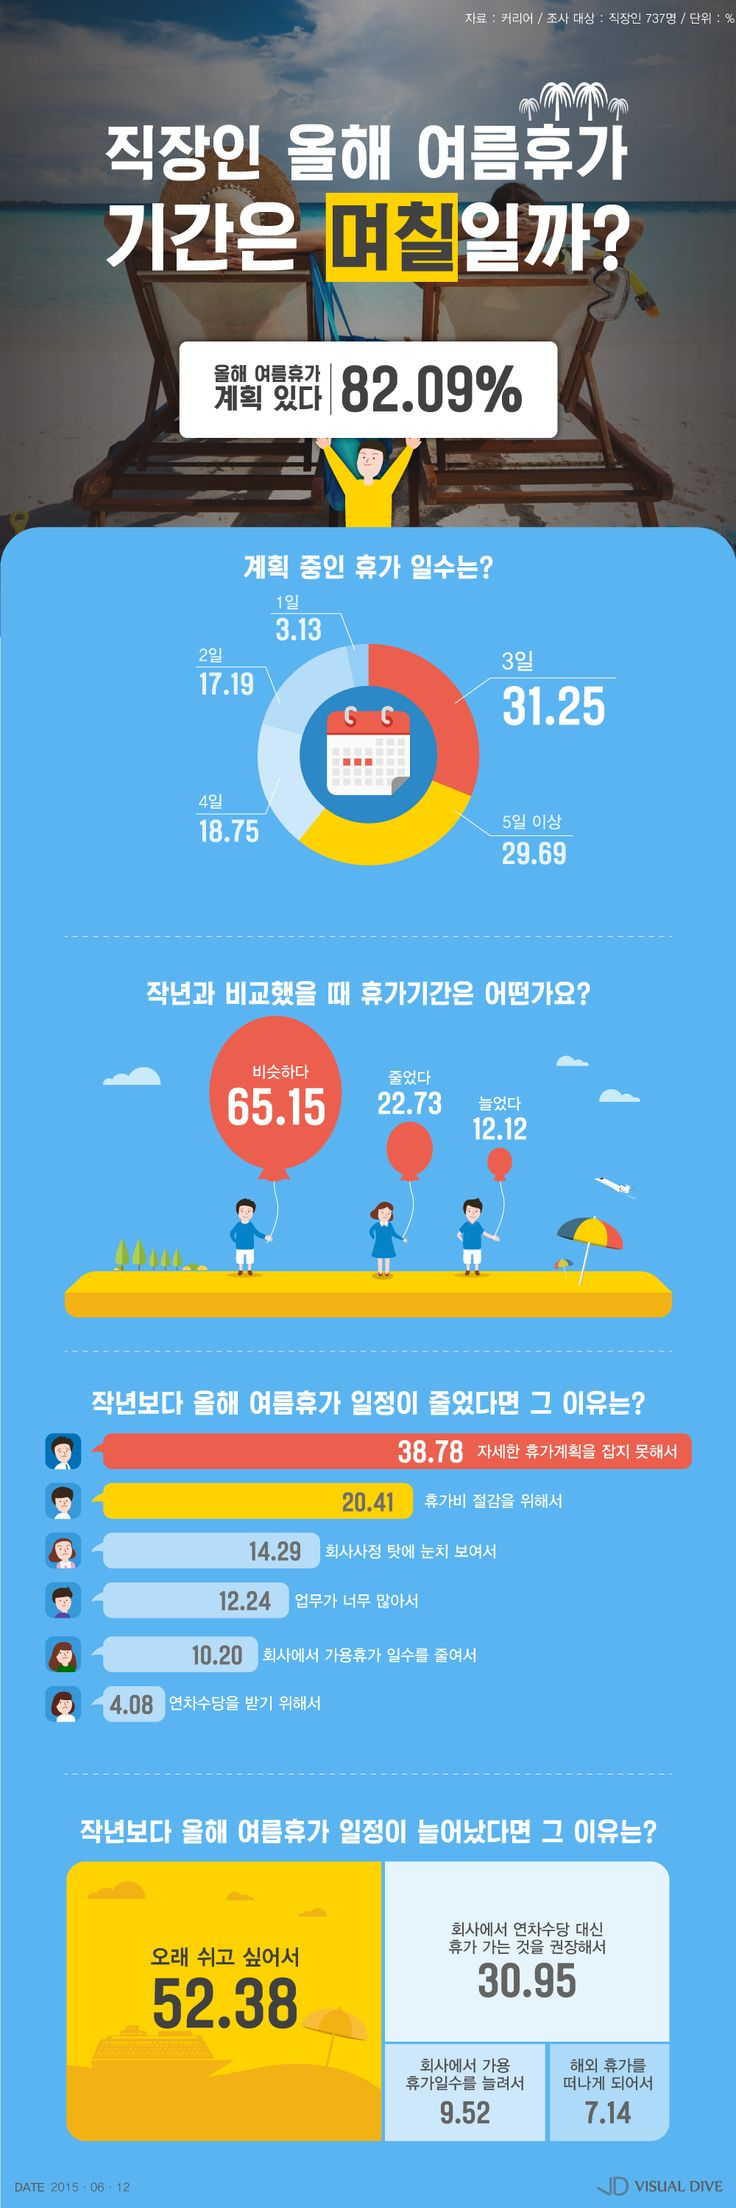 올해 직장인 여름휴가 일수는 몇 일? [인포그래픽] #Summer_holiday / #Infographic ⓒ 비주얼다이브 무단 복사·전재·재배포 금지